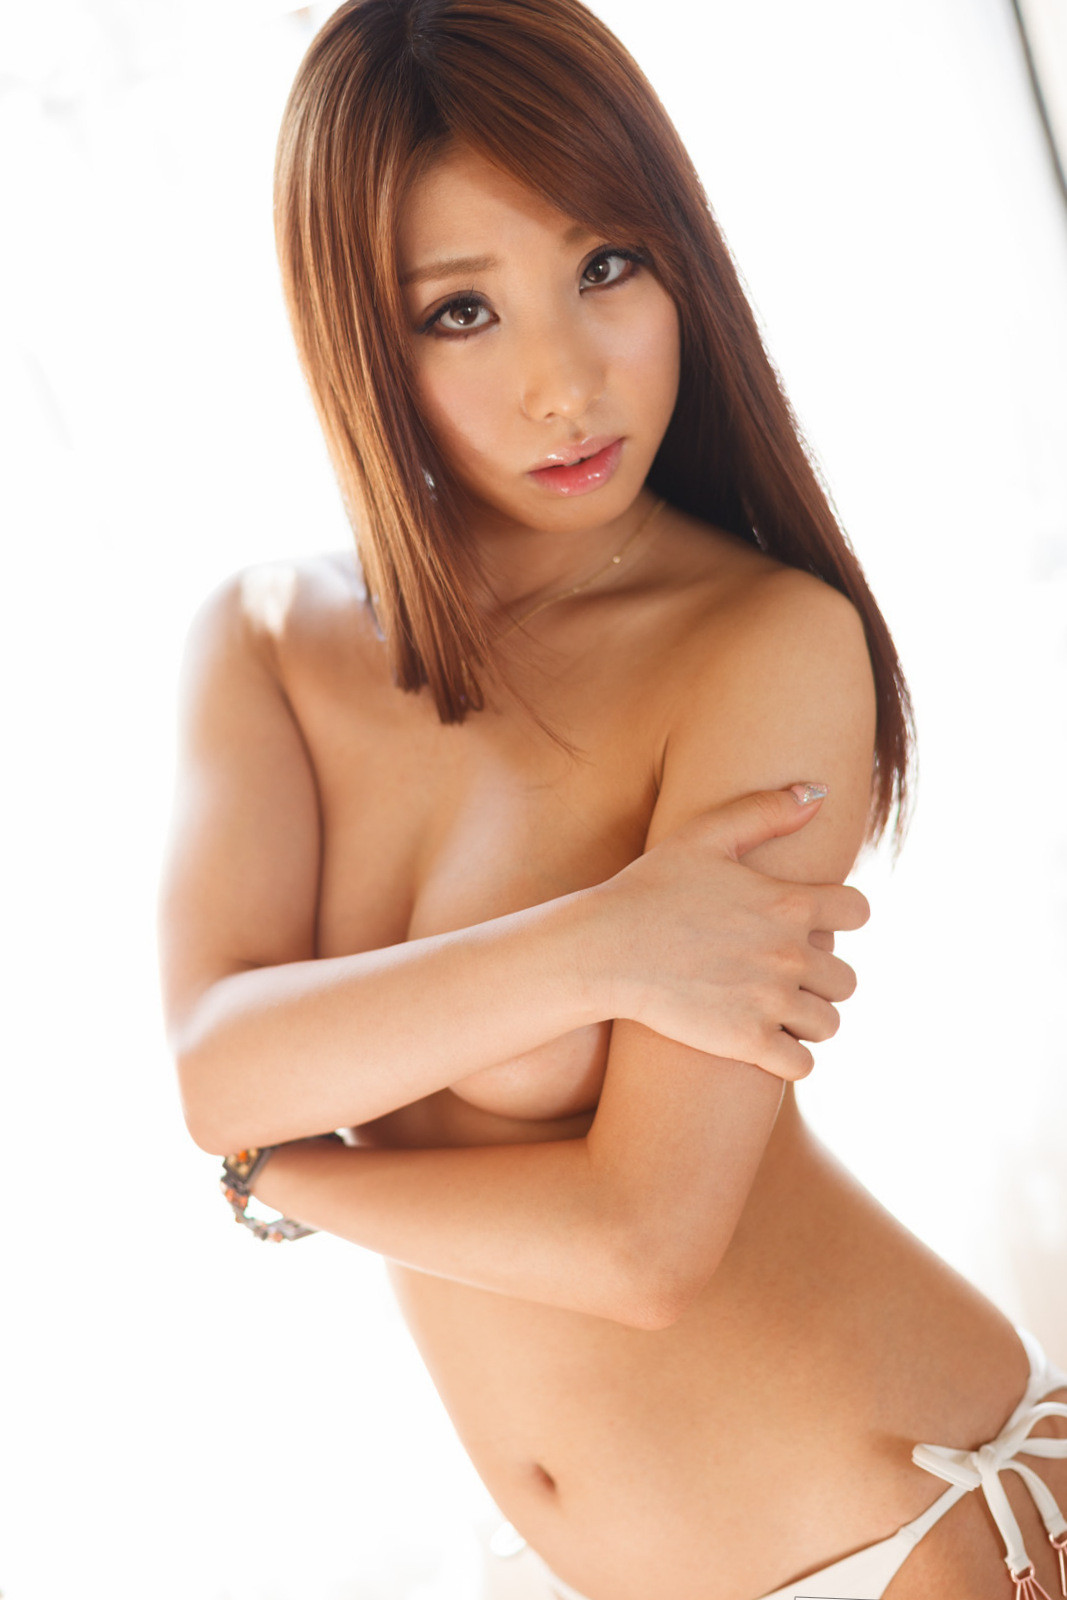 あやみ旬香 画像 最新 16